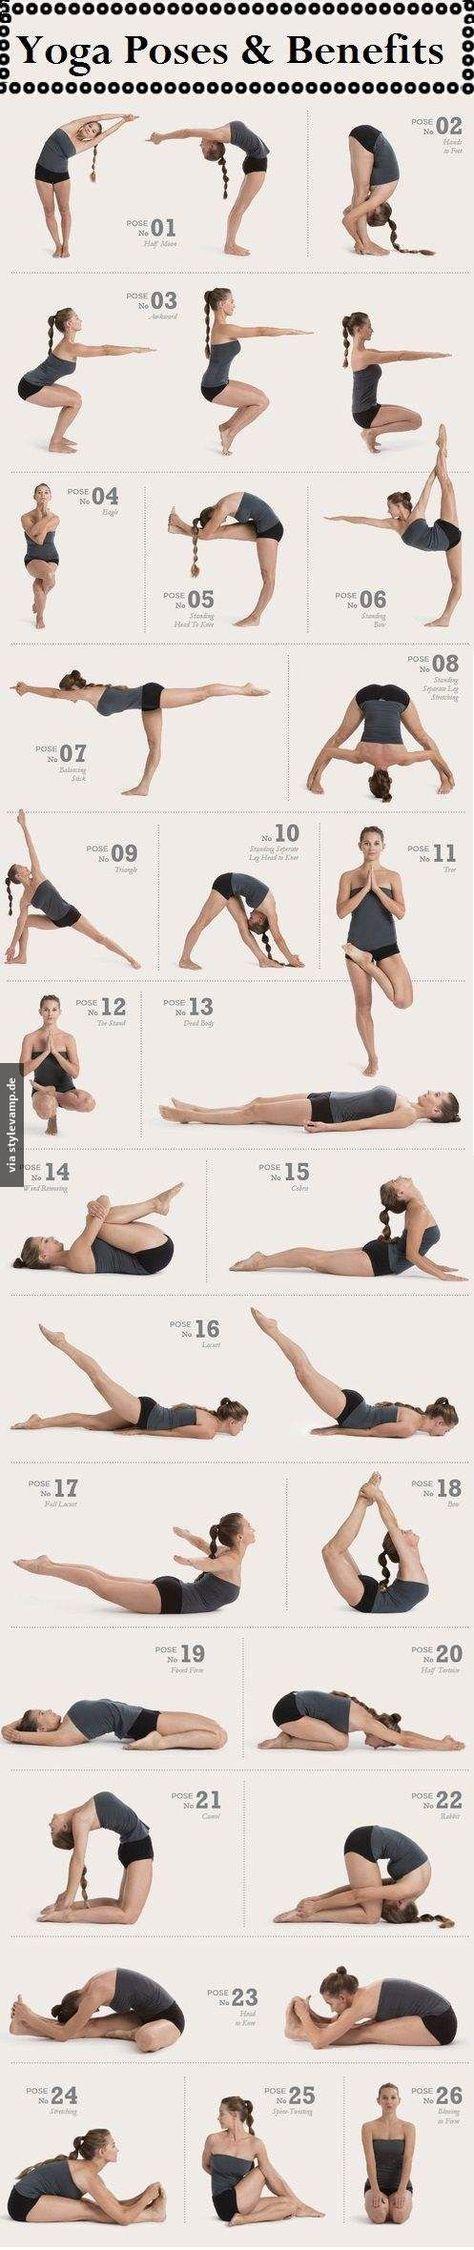 Bikram Yoga Poses   26 Yoga Posen die man mal ausprobieren sollte!  Entdeckt von www.vegaliferocks.de I Fleischlos glücklich, fit & Gesund I Follow me for more inspiration  @ vegaliferocks